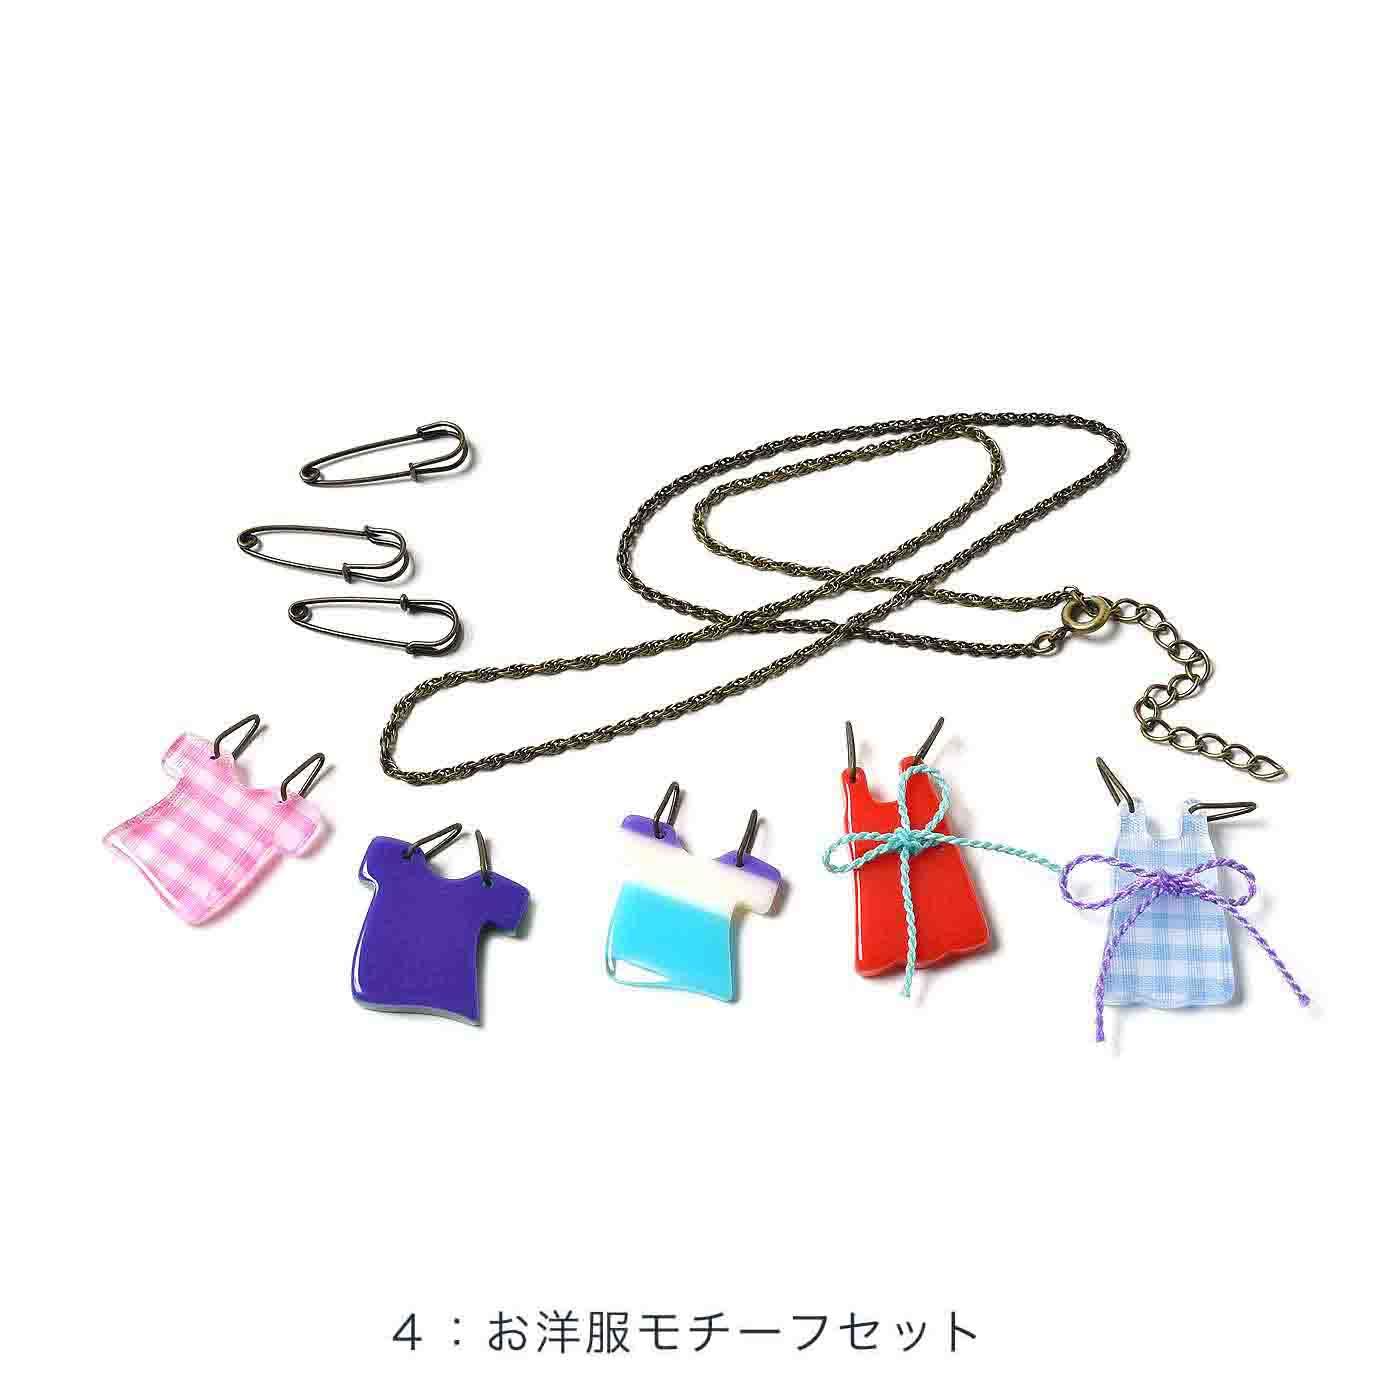 オリジナリティーあふれるTシャツとワンピースのモチーフは、ピンを通せばブローチに。チェーンを通せばネックレスに。Tシャツ:縦約2cm、横約2cm ワンピース:縦約2.5cm、横約1.6cm ショールピン:横約2cm チェーン:全長約48cm(アジャスター含む)